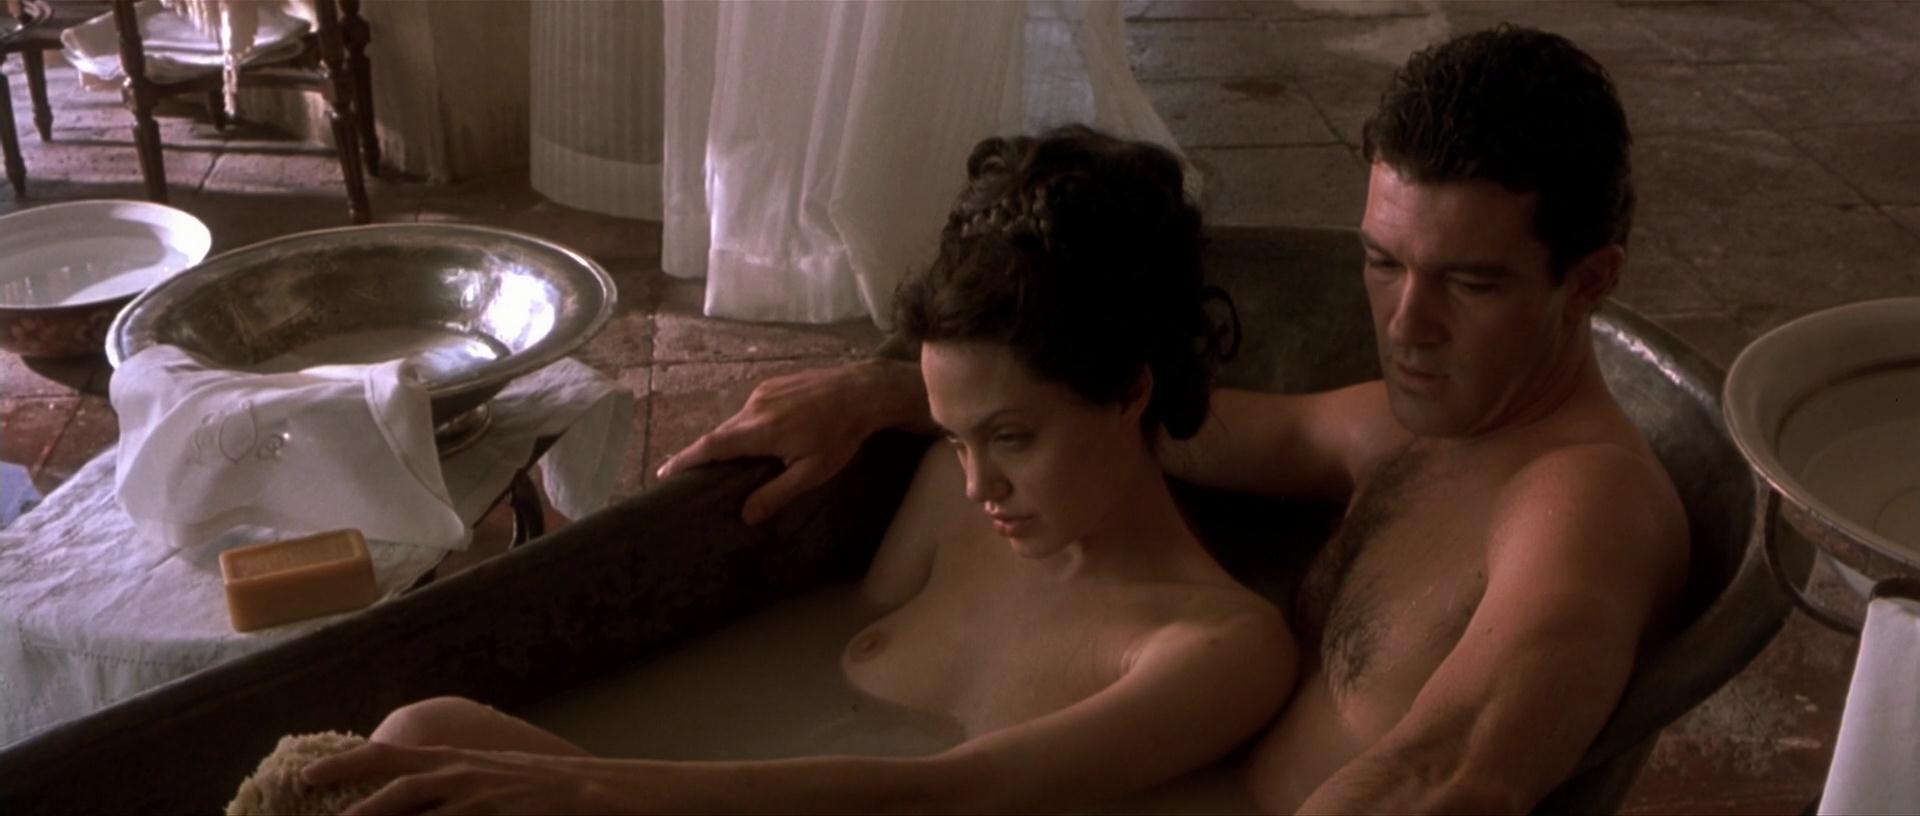 Angelina jolie porno movies